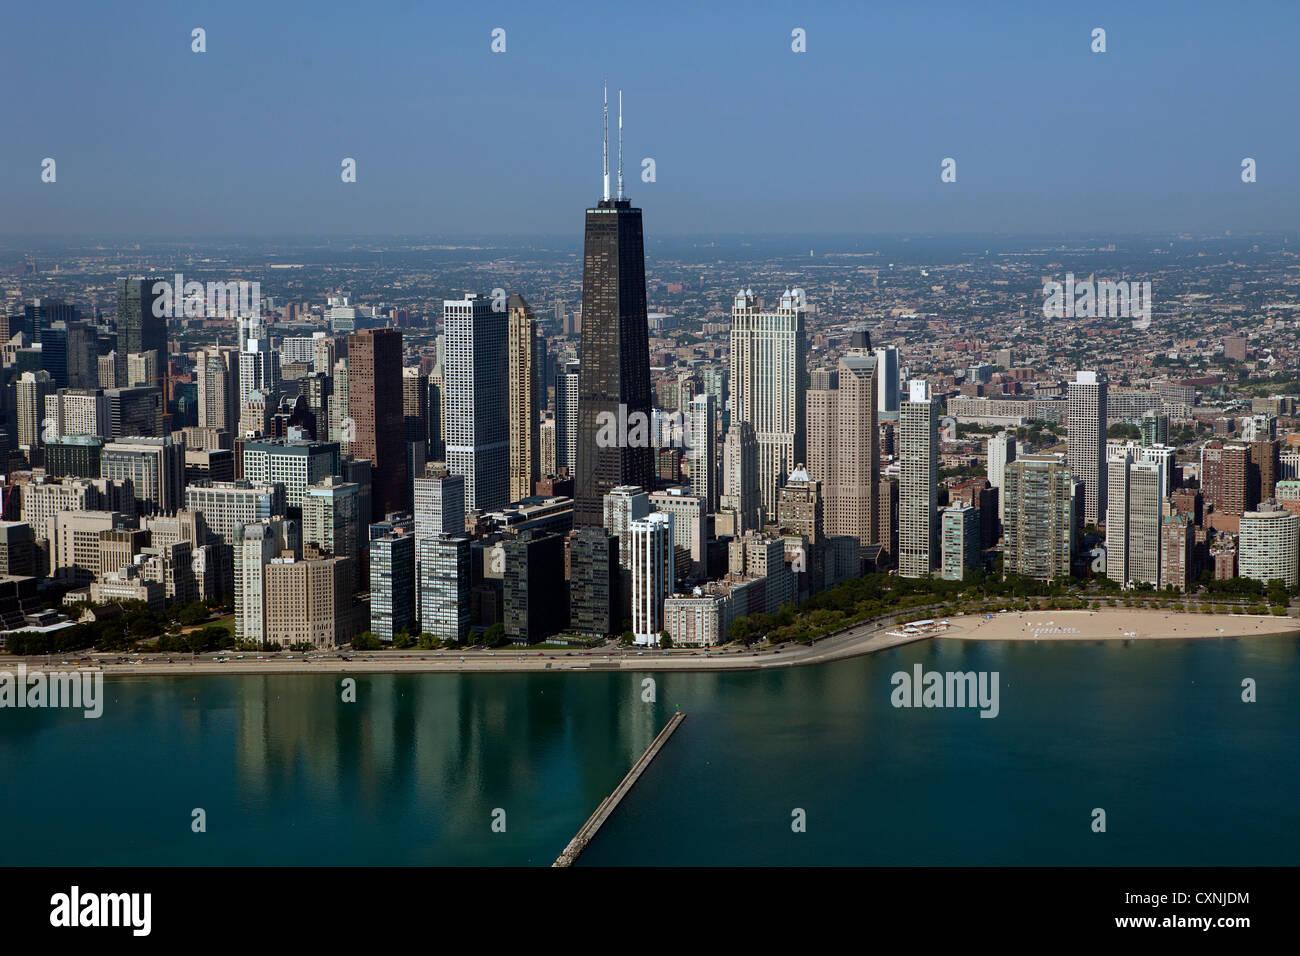 Fotografía aérea del centro de Chicago, Illinois Imagen De Stock